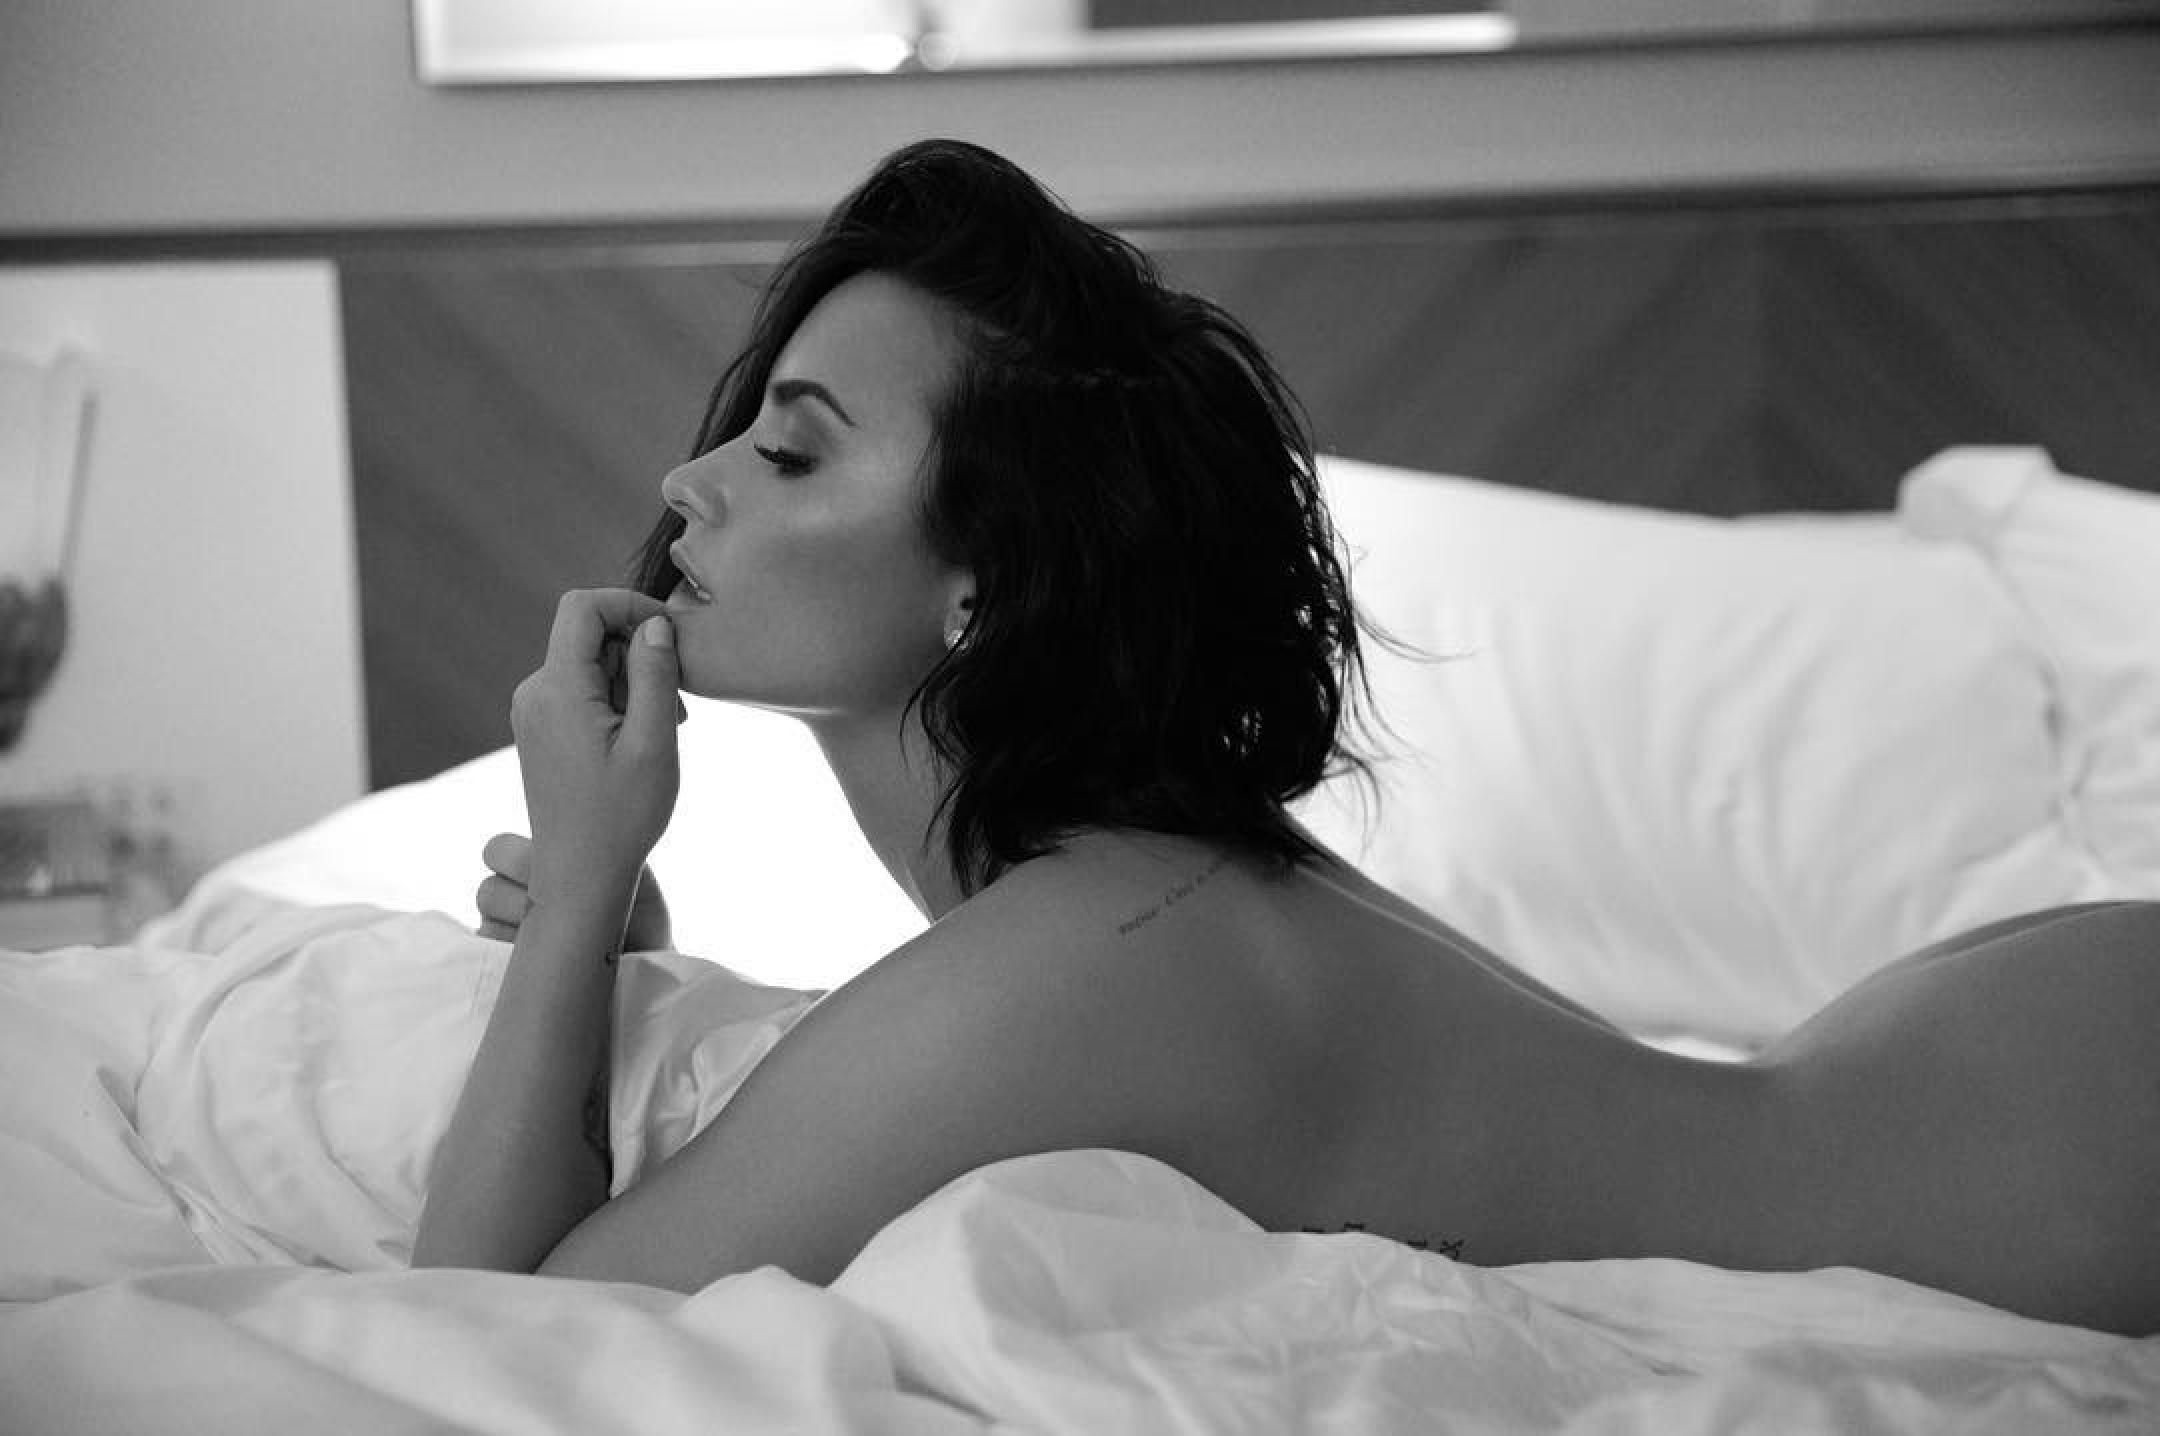 Demi Lovato fappening